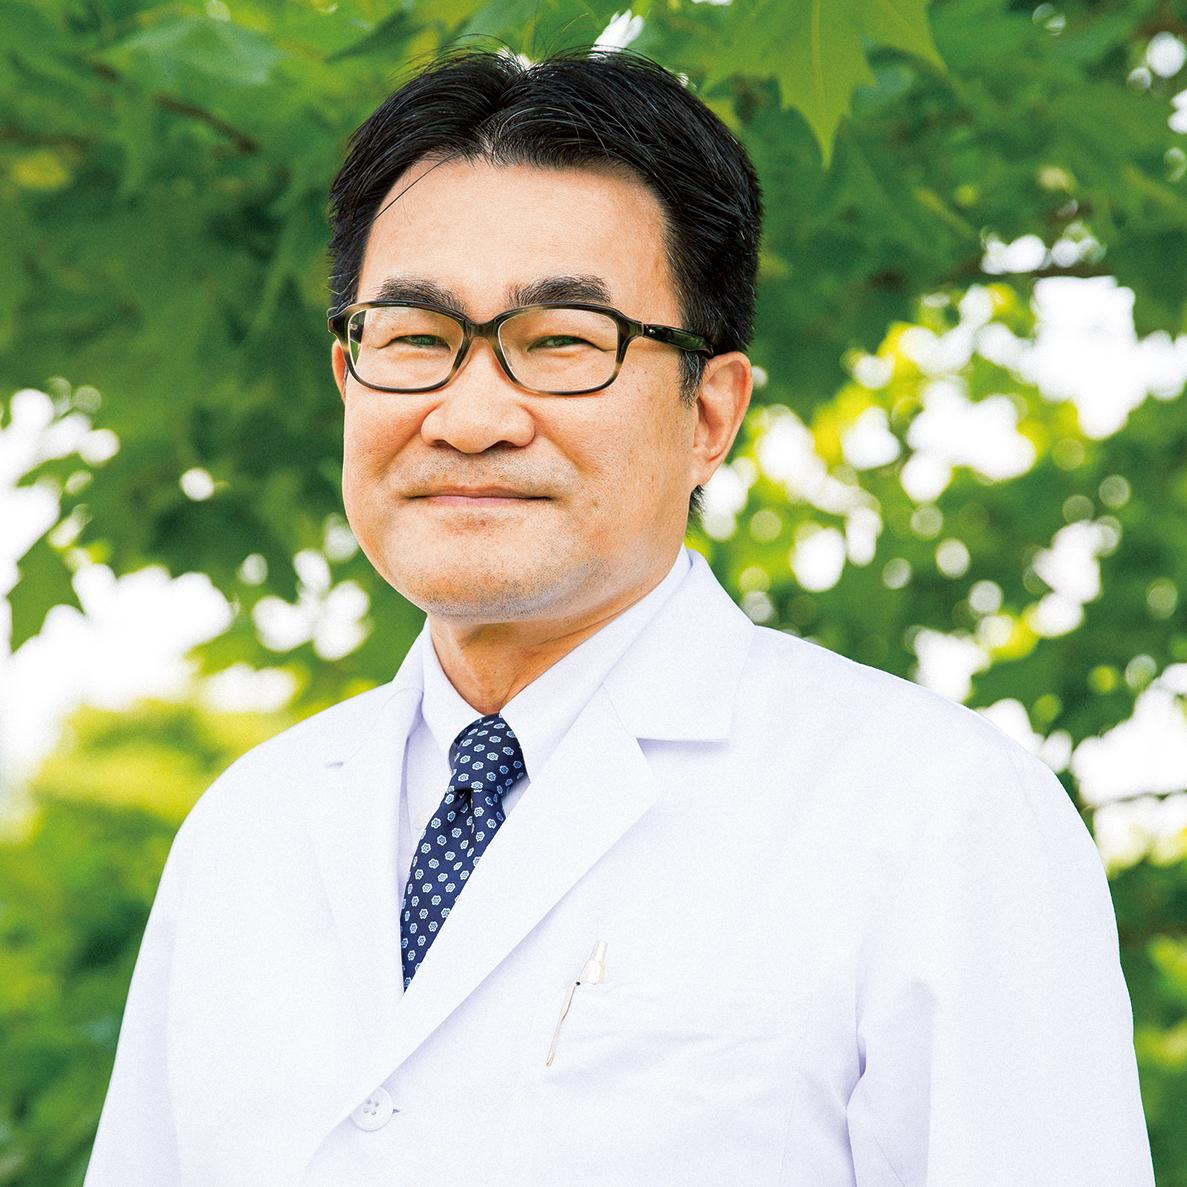 滋賀医科大学内科学講座 呼吸器内科 人材育成と輩出に尽力  呼吸器医療の充実を